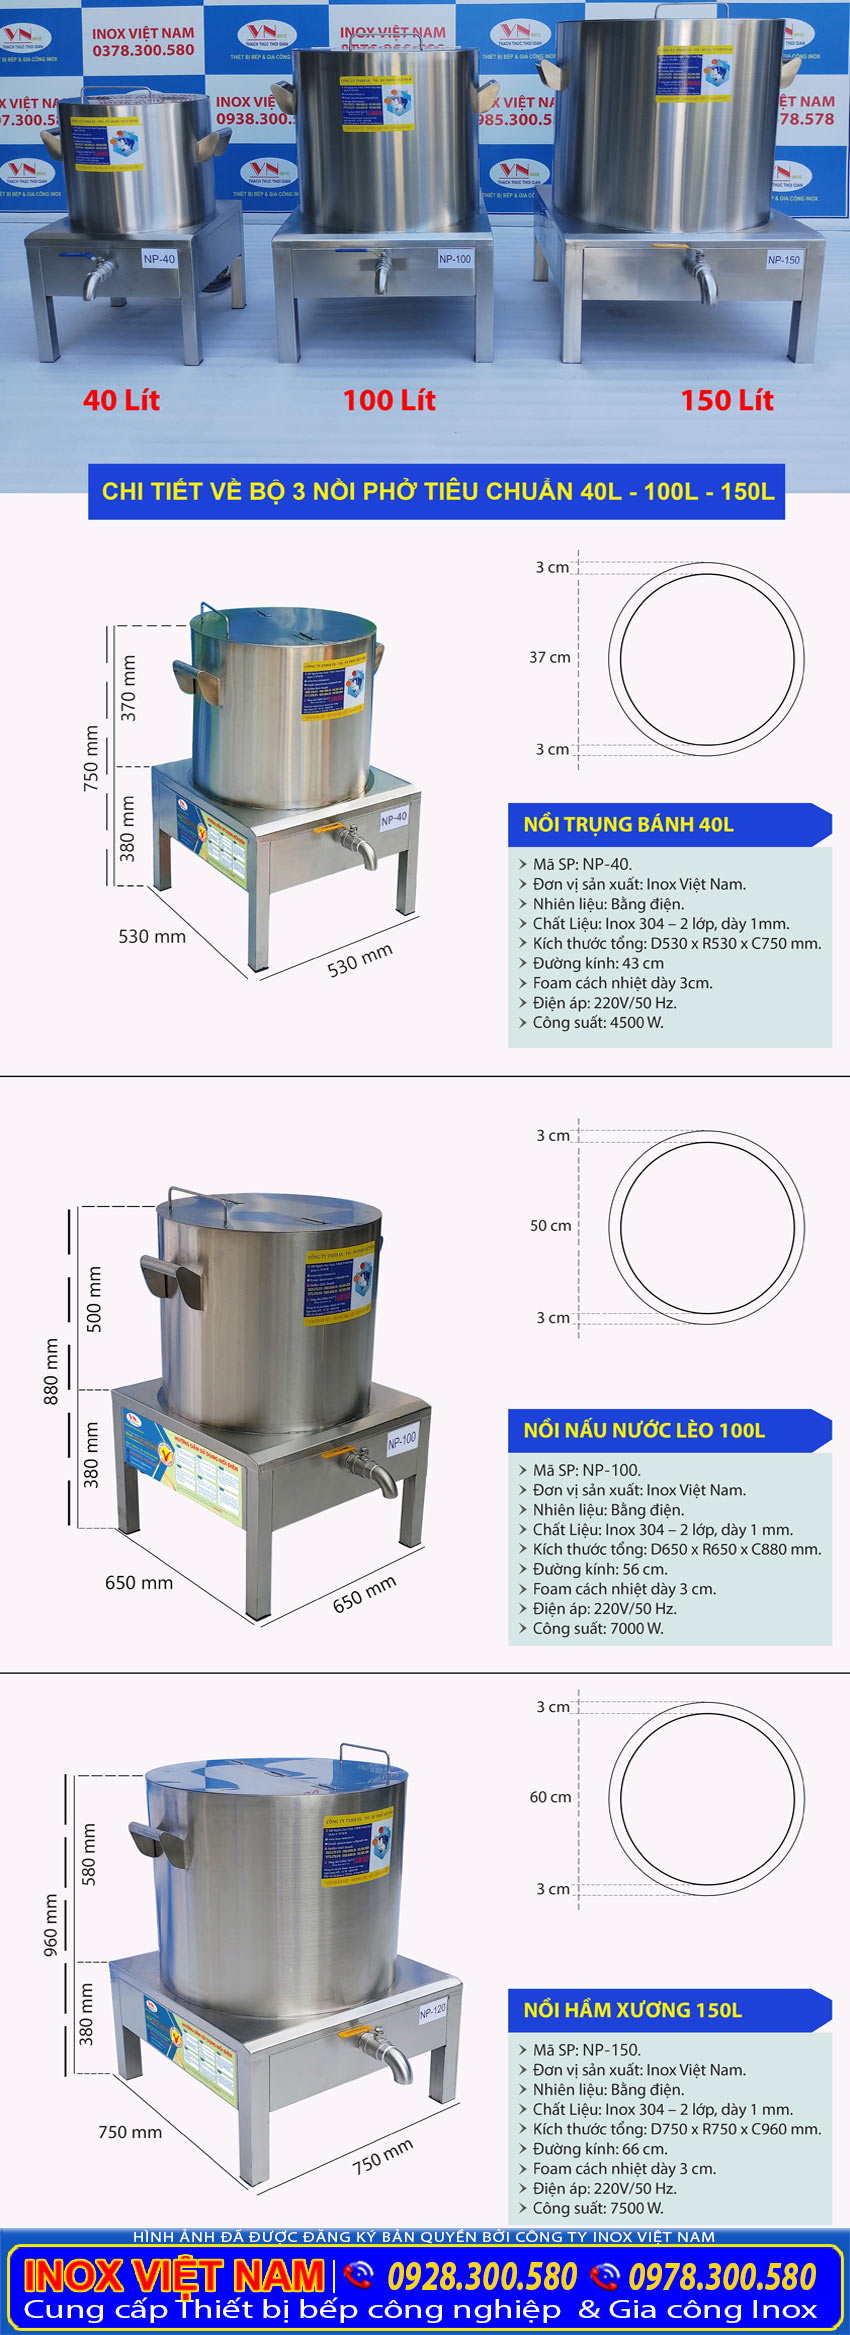 Kích thước nồi nấu phở bằng điện công nghiệp 40 lít 100 lít 150 lít tại nhà sản xuất Inox Việt Nam.